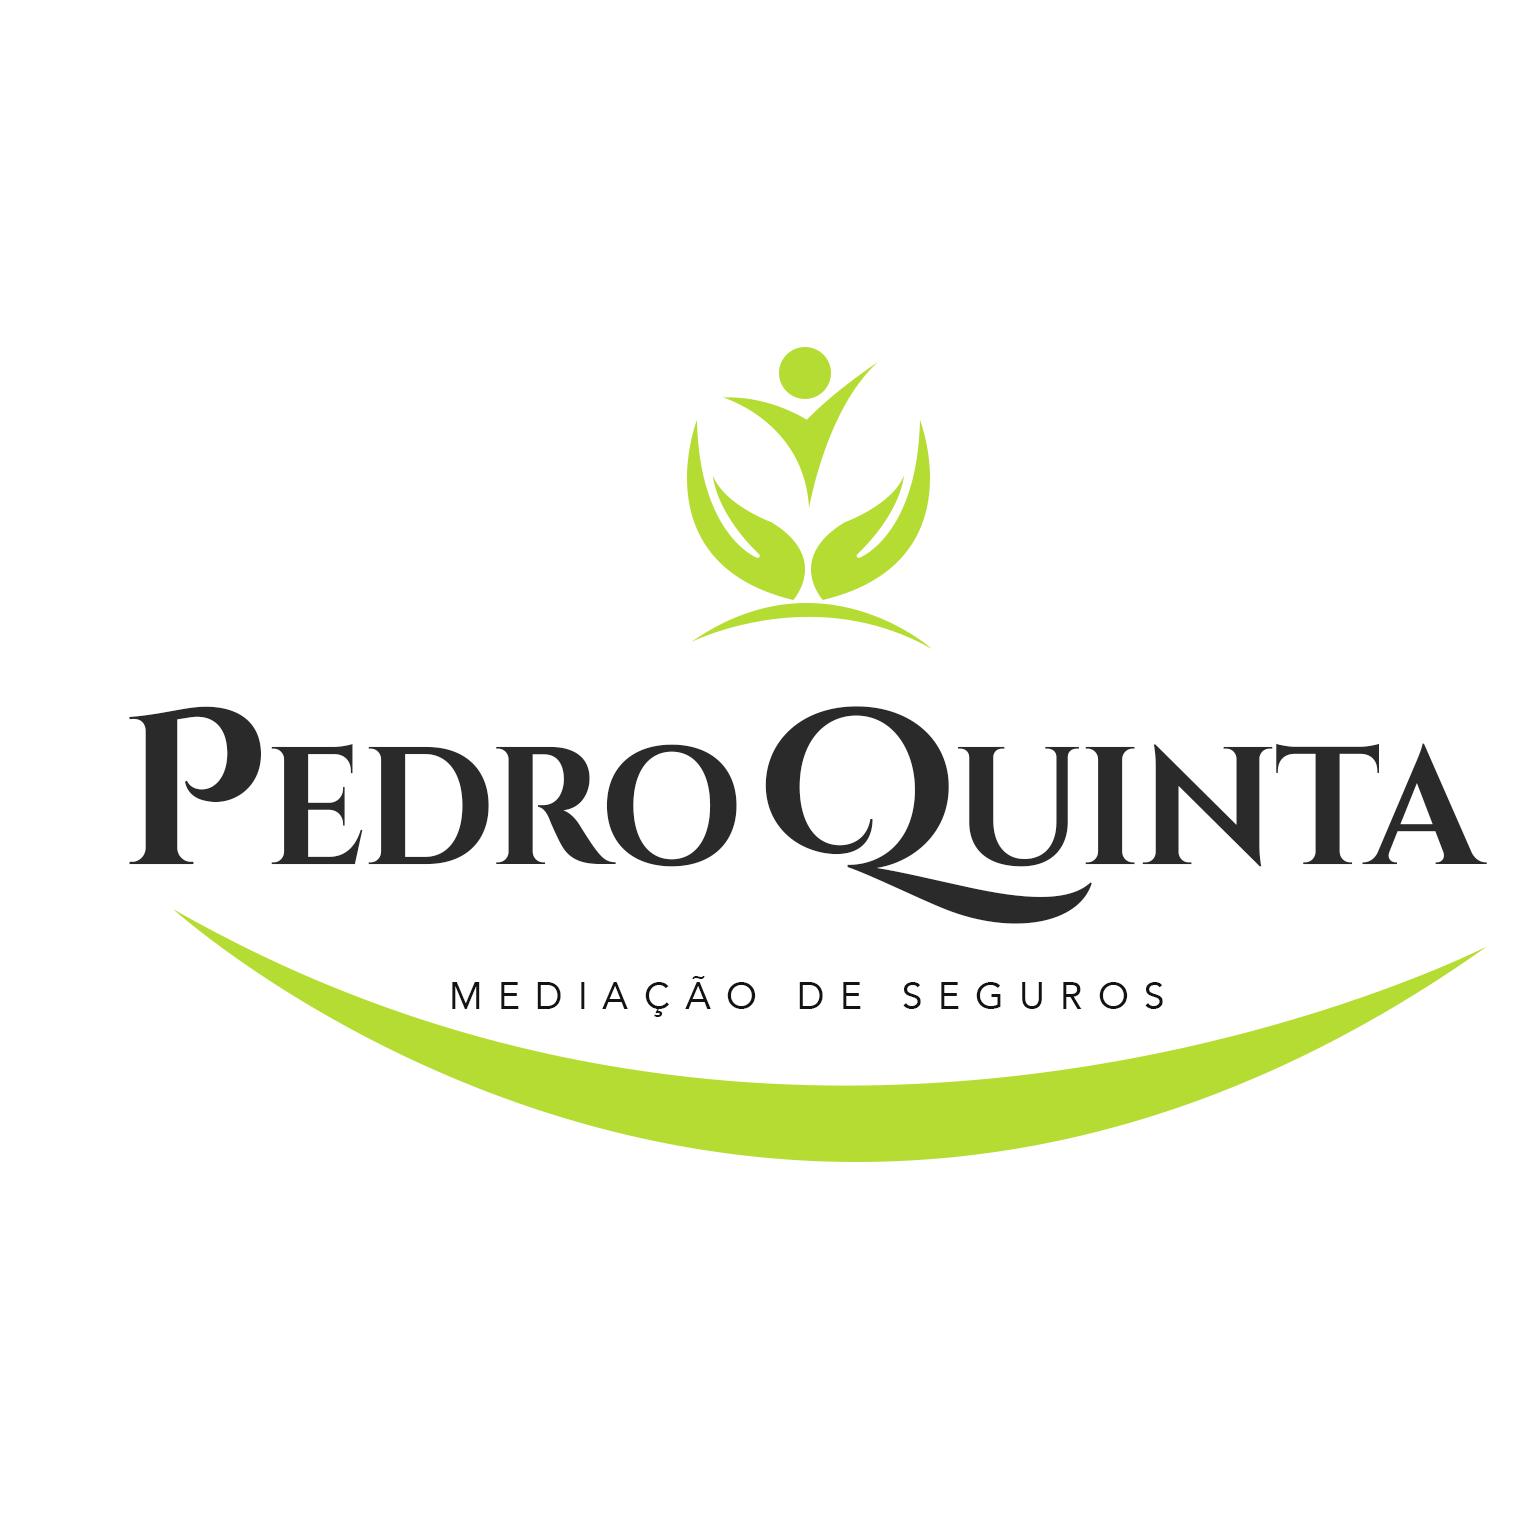 TRANQUILIDADE: Agente Pedro Quinta Mediação Seguros Lda.